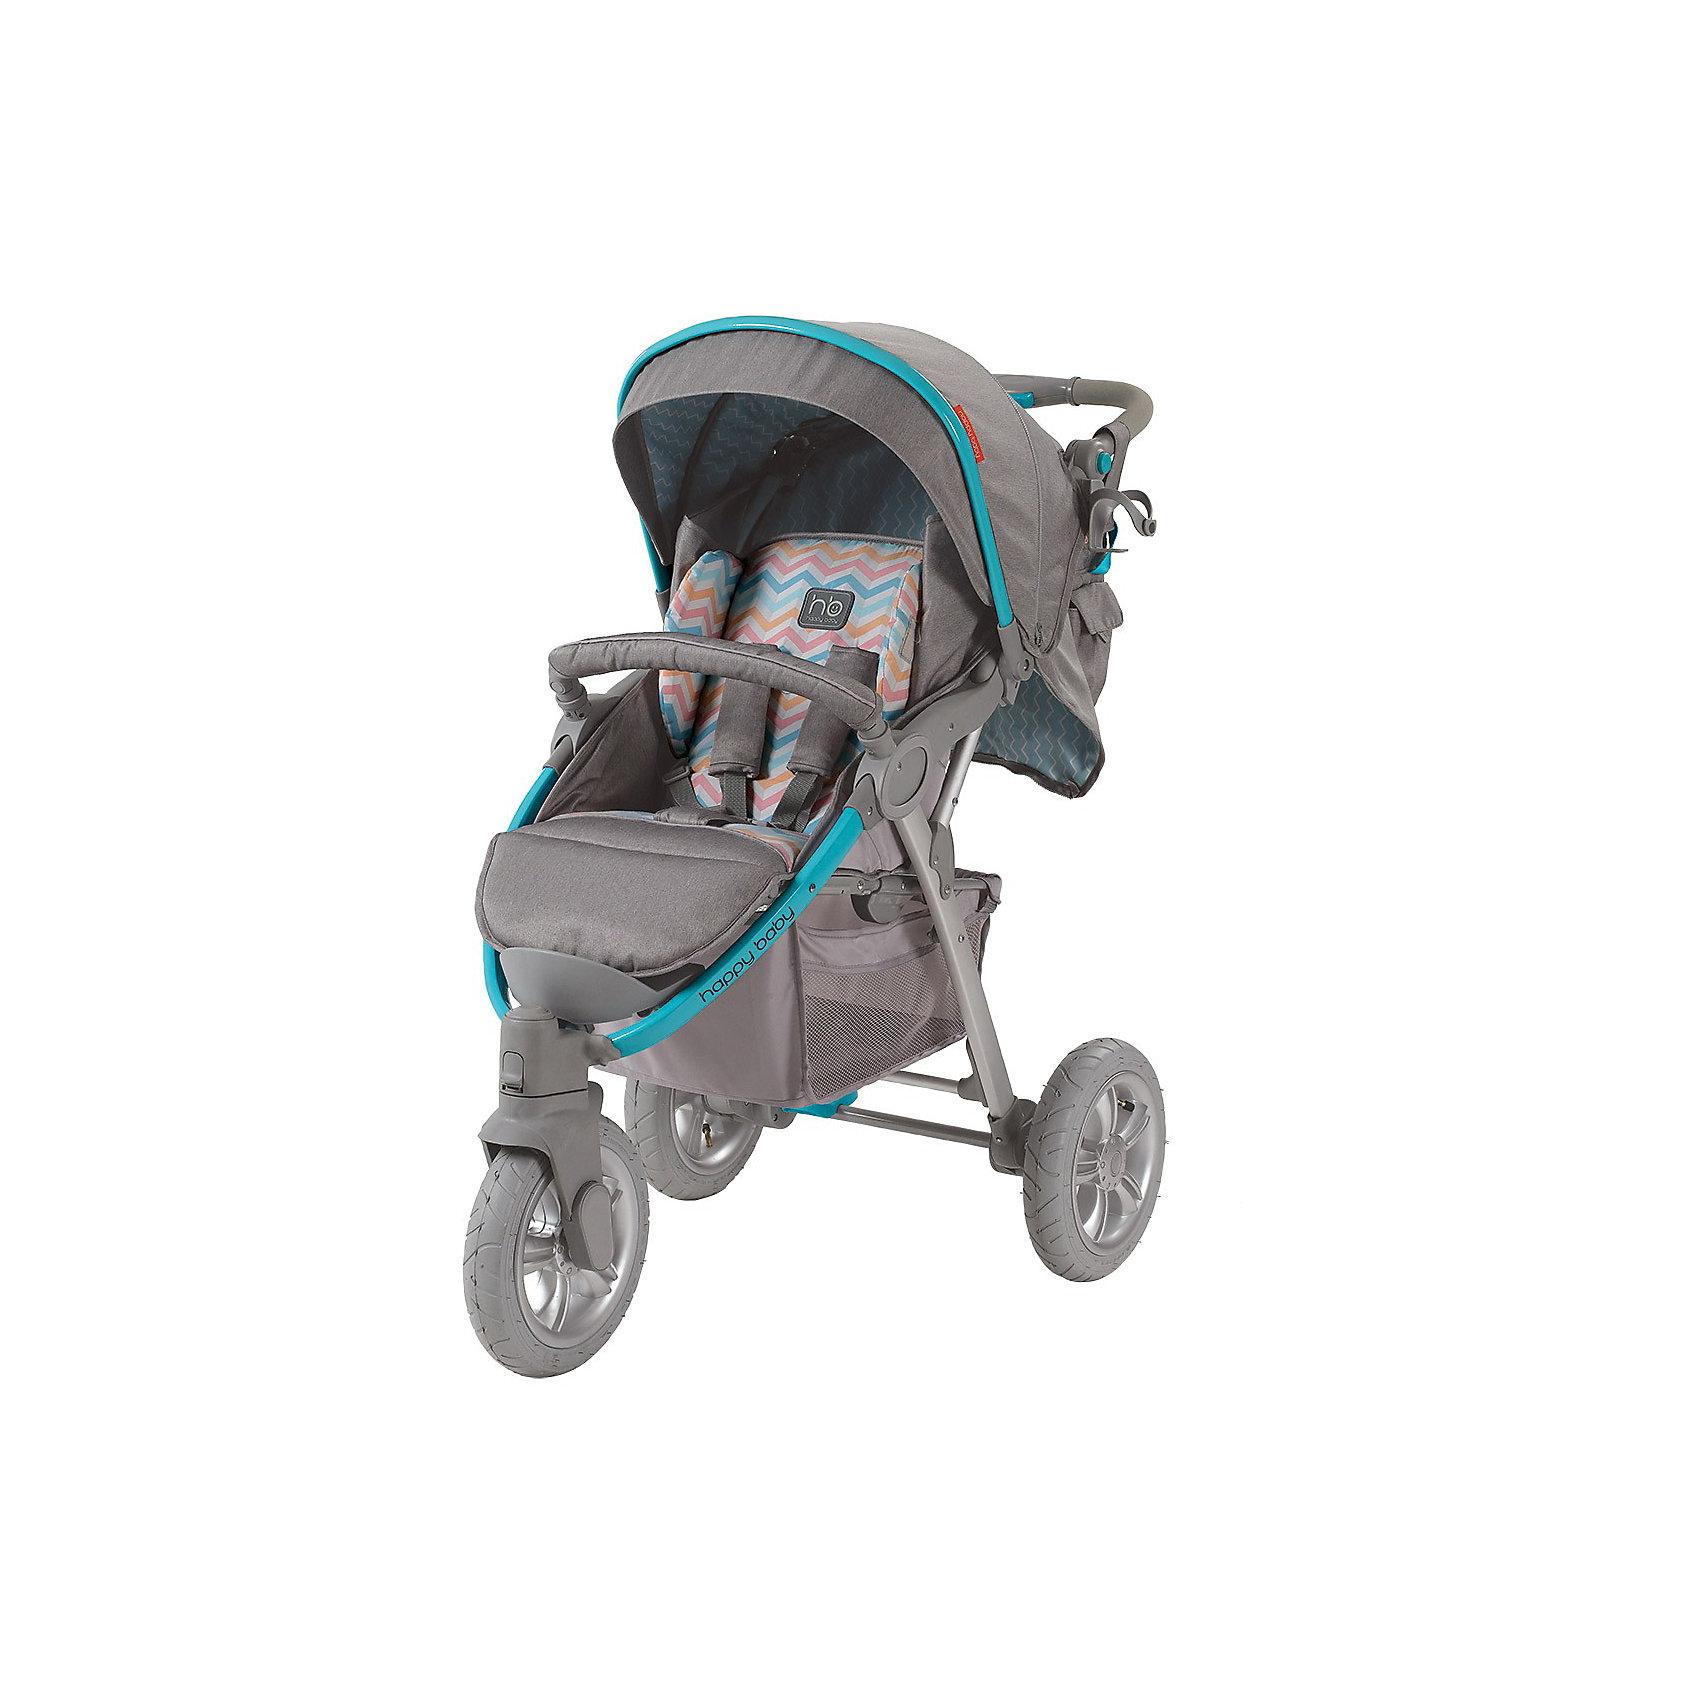 Прогулочная коляска Neon Sport, Happy Baby, серый/голубойСтильная всесезонная коляска Neon Sport отличается высокой проходимостью. Хорошая амортизация и маневренность позволит передвигаться, не нарушая сон ребёнка. Овальное сечение алюминиевой рамы обеспечивает  легкость и прочность. Матрасик из мягкой дышащей ткани, пятиточечные ремни безопасности с накладками и съемный бампер - гарантируют комфорт и безопасность ребёнку. Объёмный капюшон со смотровым окошком фиксируется в трёх положениях и опускается до бампера. Подставка для бутылочек на уровне рук взрослого облегчит процесс кормления. Переднее колесо поворотное с возможностью фиксации, что позволяет<br>маневрировать коляской практически на месте. Тормозное устройство приводится в действие одним движением. Регулируемая по высоте ручка, стильная сумка и вместительная корзина для покупок делают коляску не только удобной, но и практичной. Идеальный вариант для наших погодных условий и дорог.  <br><br>Дополнительная информация:<br><br>- Комплектность: коляска, дождевик, москитная сетка, сумка для мамы, чехол на ножки, корзина для покупок мамы, чехол на ножки, корзина для покупок<br>- Алюминиевая рама с поперечным сечением.<br>- Количество колес: 3 шт.<br>- Тип колес: надувные, переднее поворотное.<br>- Ножной тормоз.<br>- Механизм складывания: книжка.<br>- Регулируемая по высоте ручка.<br>- Регулируемая по высоте спинка ( 3 положения, включая горизонтальное)<br>- Пятиточечные ремни безопасности с мягкими накладками.<br>- Капюшон со смотровым окошком  опускается до бампера)<br>- Складывающийся козырек.<br>- Вместительная корзина для покупок.<br>- Подставка для кружки.<br>- Съёмный бампер перед ребенком.<br>- Цвет: серый, голубой.<br>- Длина спального места: 85 см.<br>- Размер коляски: 102 х 66 х 97 см.<br>- Размер сидения: 34 х 28/45 (с подножкой) см.<br>- Ширина колесной базы: 66 см.<br>- Диаметр колес: переднее - 26 см, задние - 30 см.<br>- Вес коляски: 13 кг<br><br>Прогулочную коляска Neon Sport, Happy Baby (Хэппи 